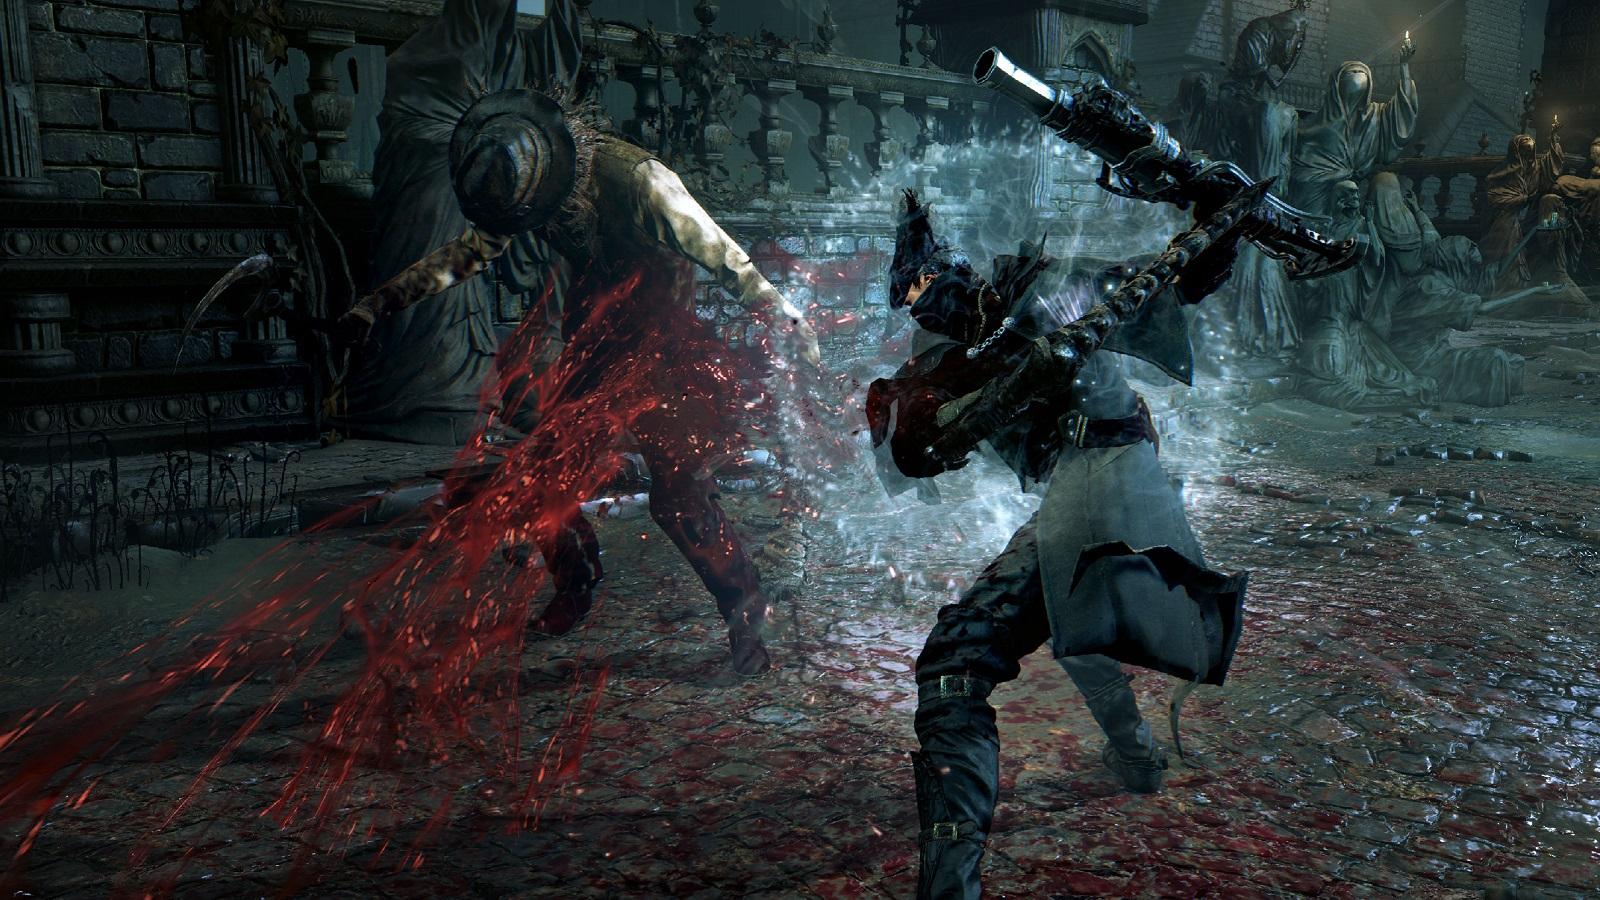 Моддер выпустил обещанный патч, который добавляет в Bloodborne поддержку 60 кадров/с